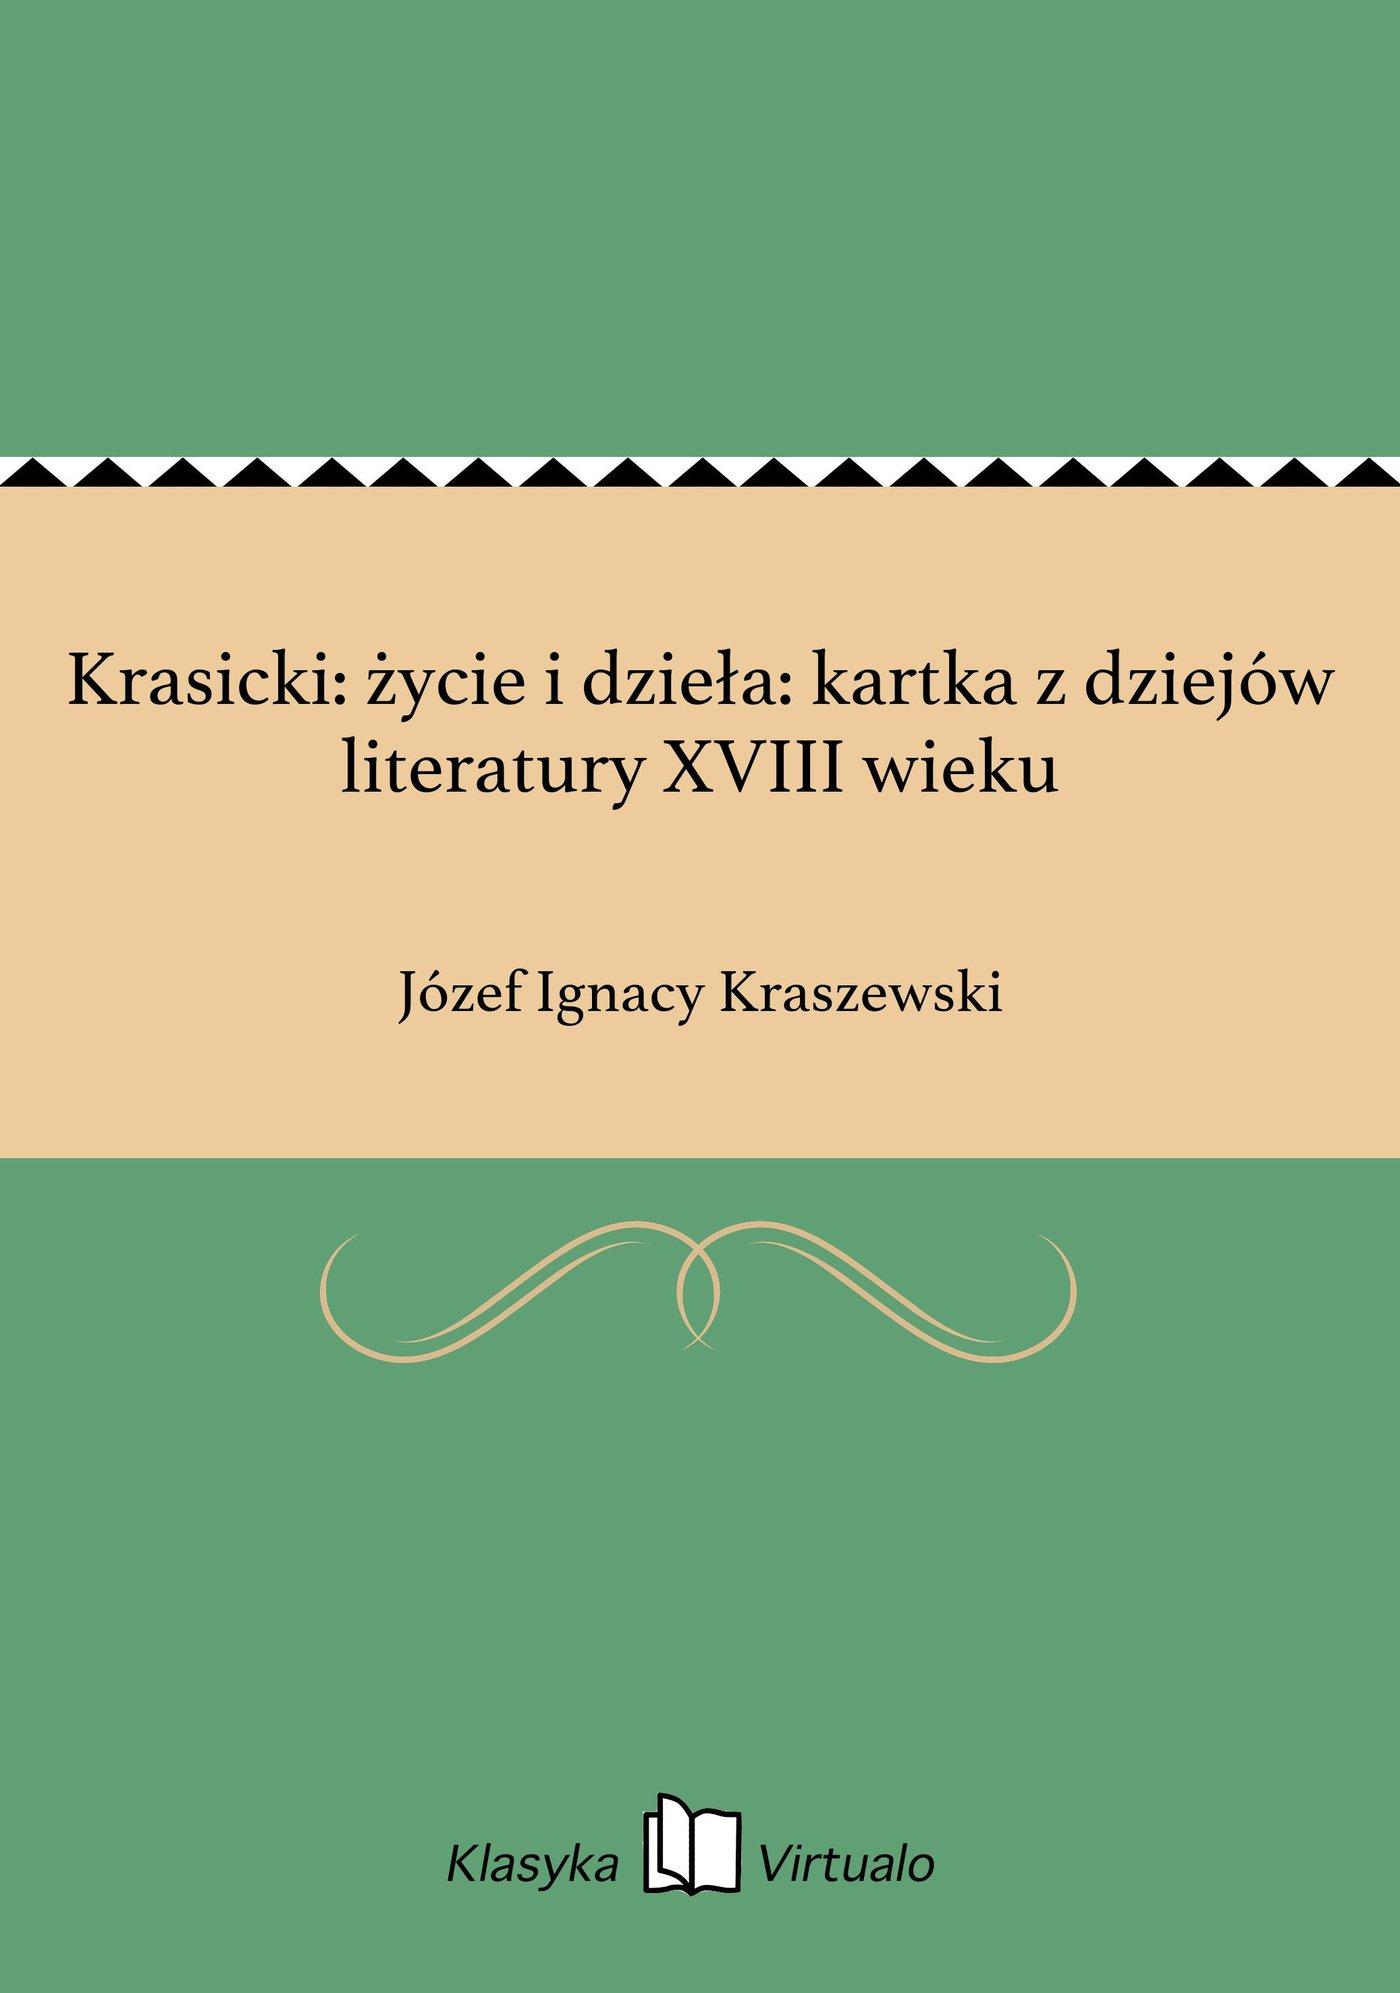 Krasicki: życie i dzieła: kartka z dziejów literatury XVIII wieku - Ebook (Książka na Kindle) do pobrania w formacie MOBI